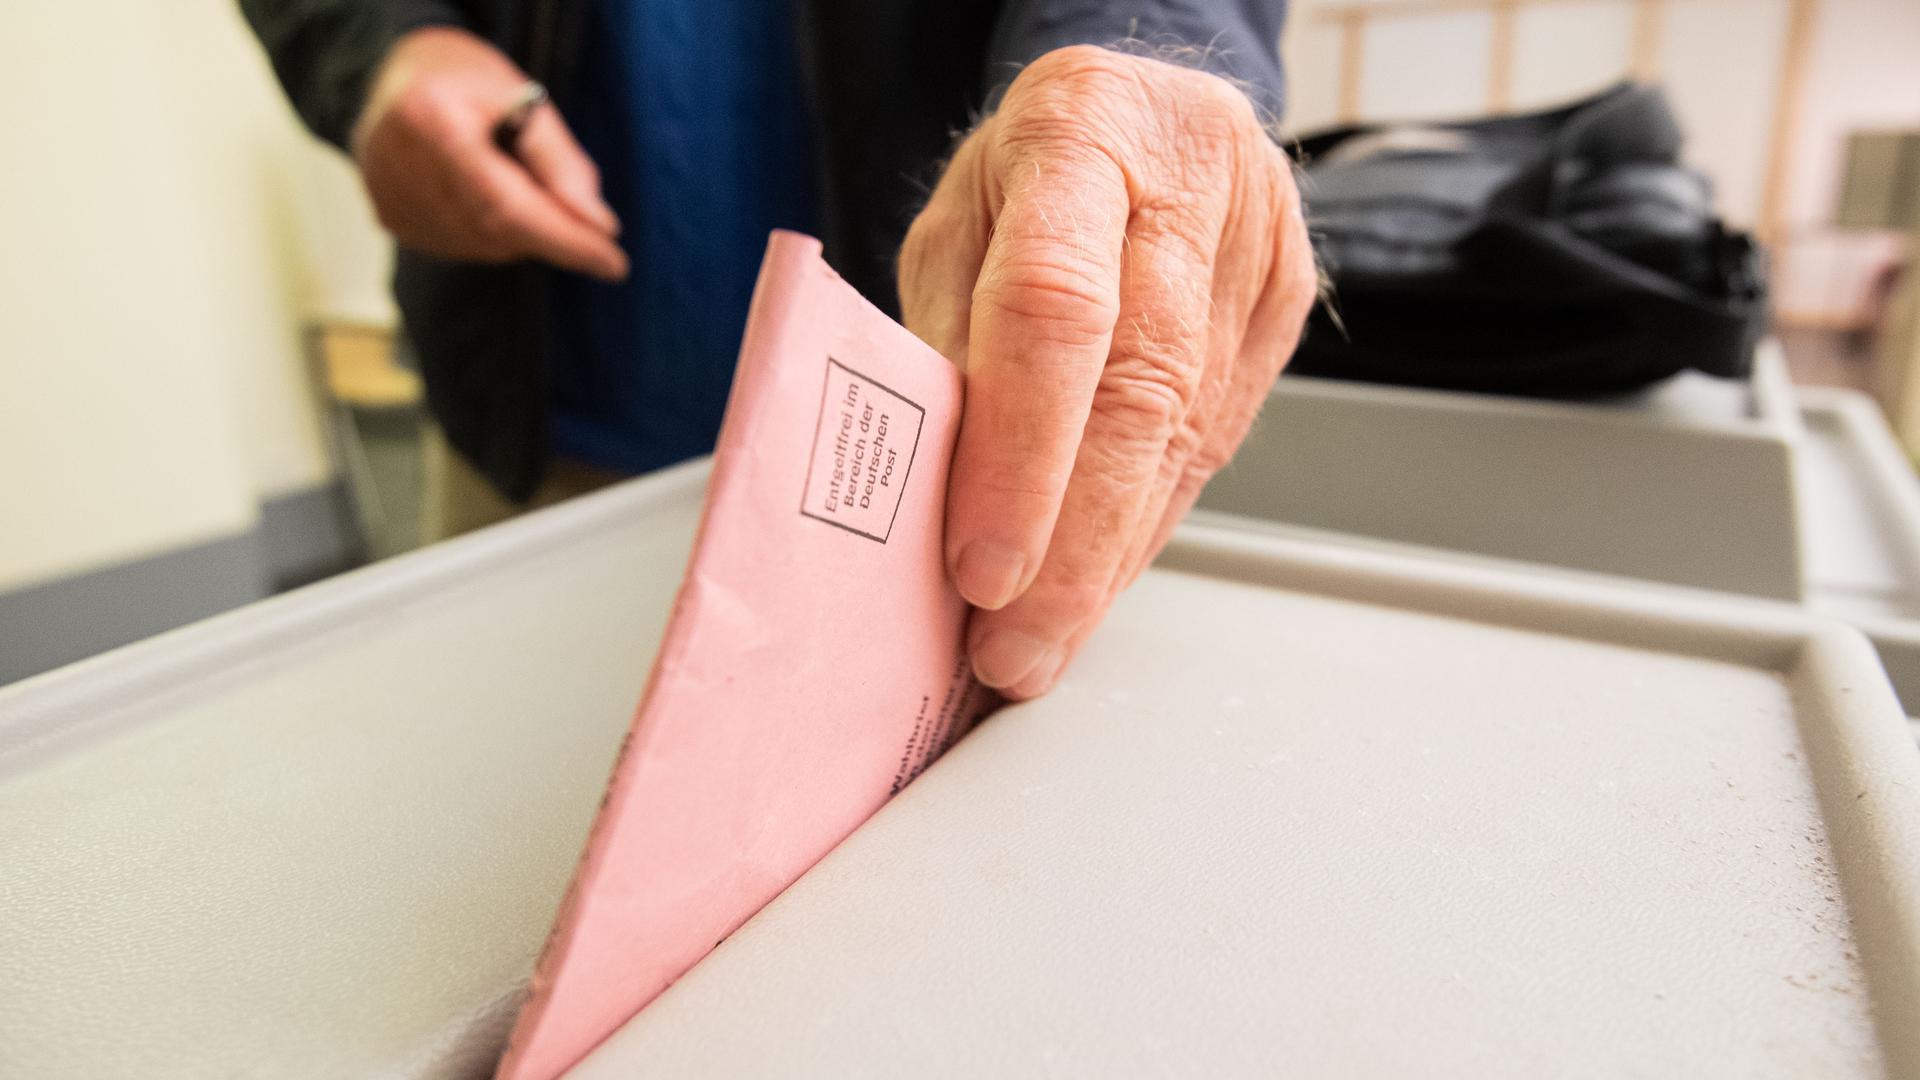 Ein Mann wirft seinen Stimmzettel für die Bundestagswahl in eine Urne im Neuen Rathaus. In vielen niedersächsischen Kommunen öffnen haben seit kurzem die Briefwahlstellen geöffnet, in denen Wahlberechtigte ihre Briefwahlunterlagen für die Bundestagswahl und Kommunalwahlen abholen können. Die Stimmzettel können auch vor Ort direkt angekreuzt und die Urnen eingeworfen werden. +++ dpa-Bildfunk +++